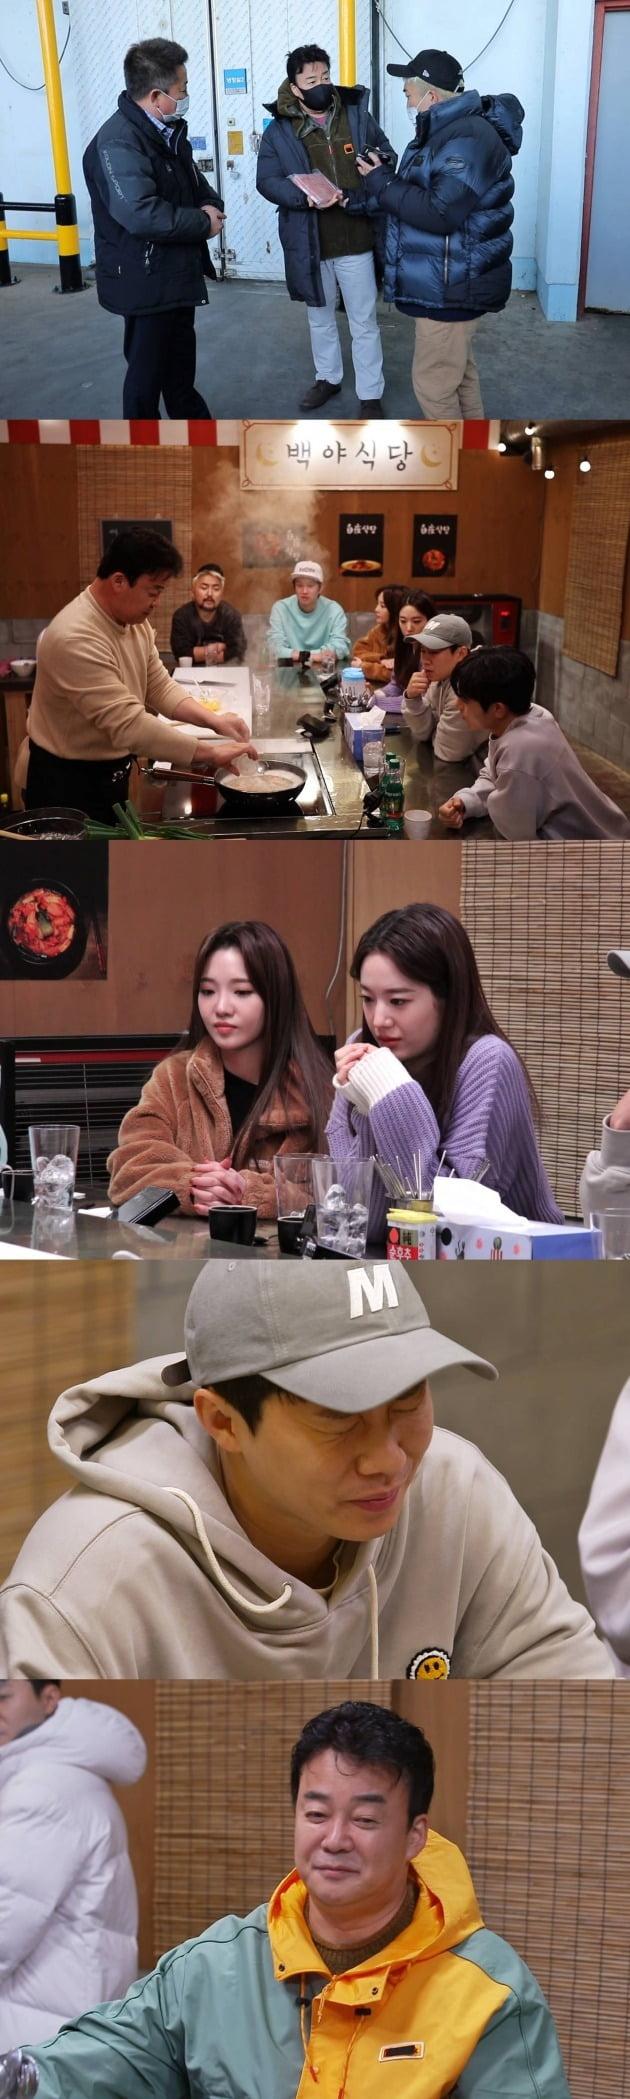 '맛남의 광장'이 홍게살 어가 살리기에 나선다. / 사진제공=SBS